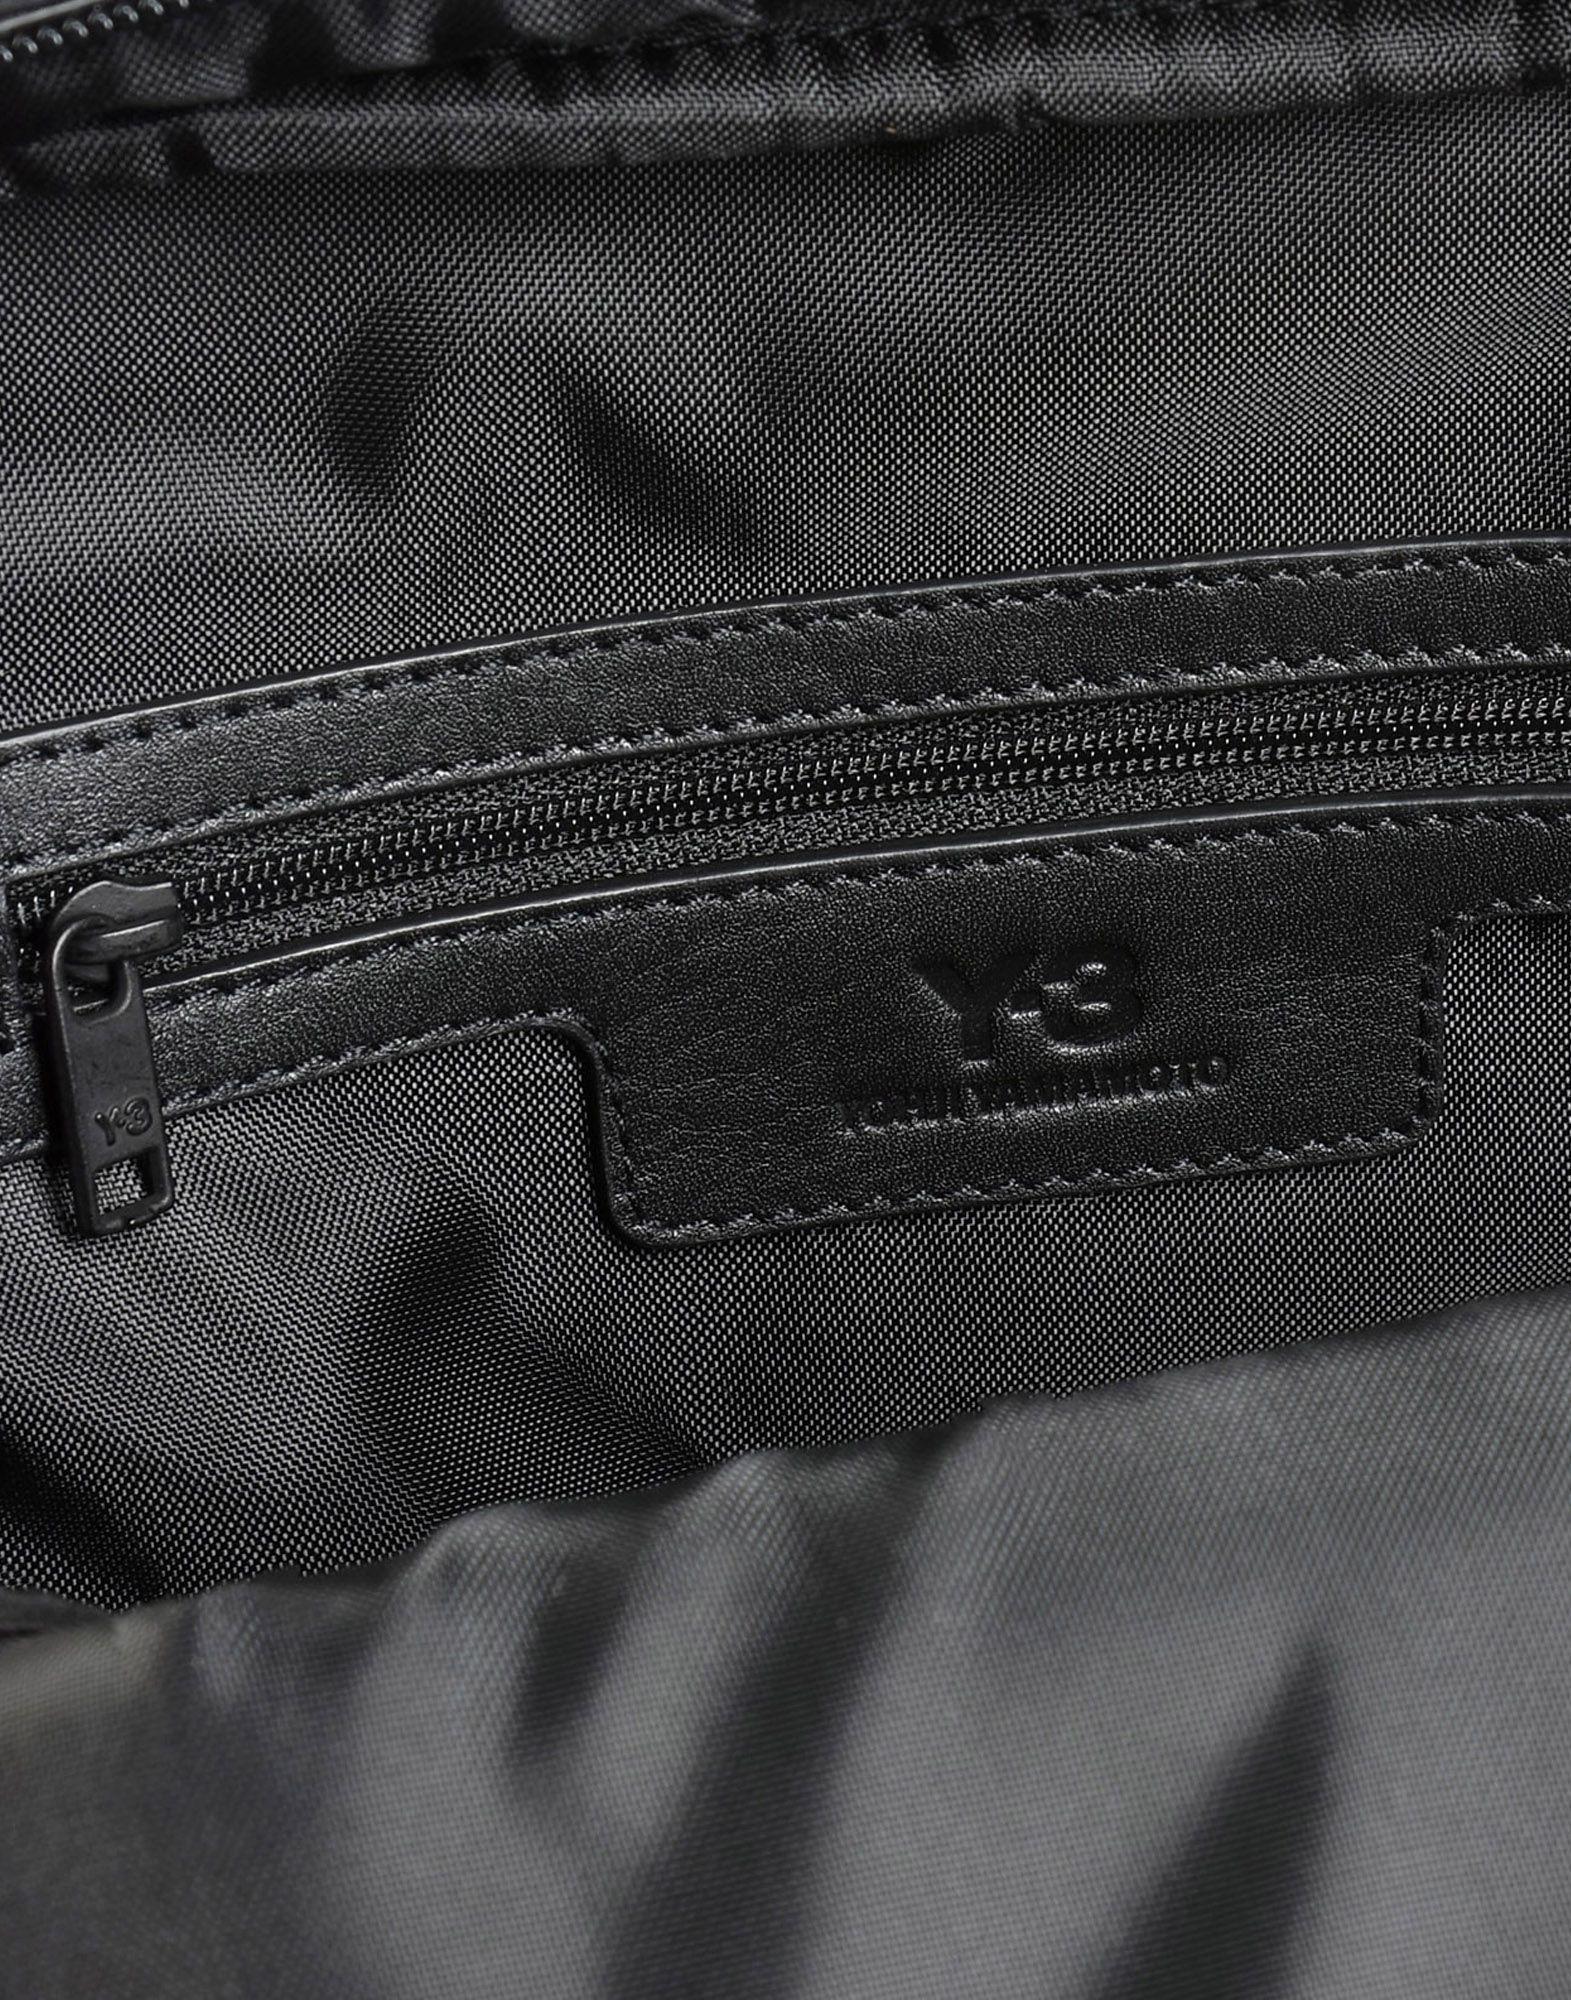 73a61abadc6f Y-3 Y-3 QASA PORTER BAG Shoulder bag E a ...